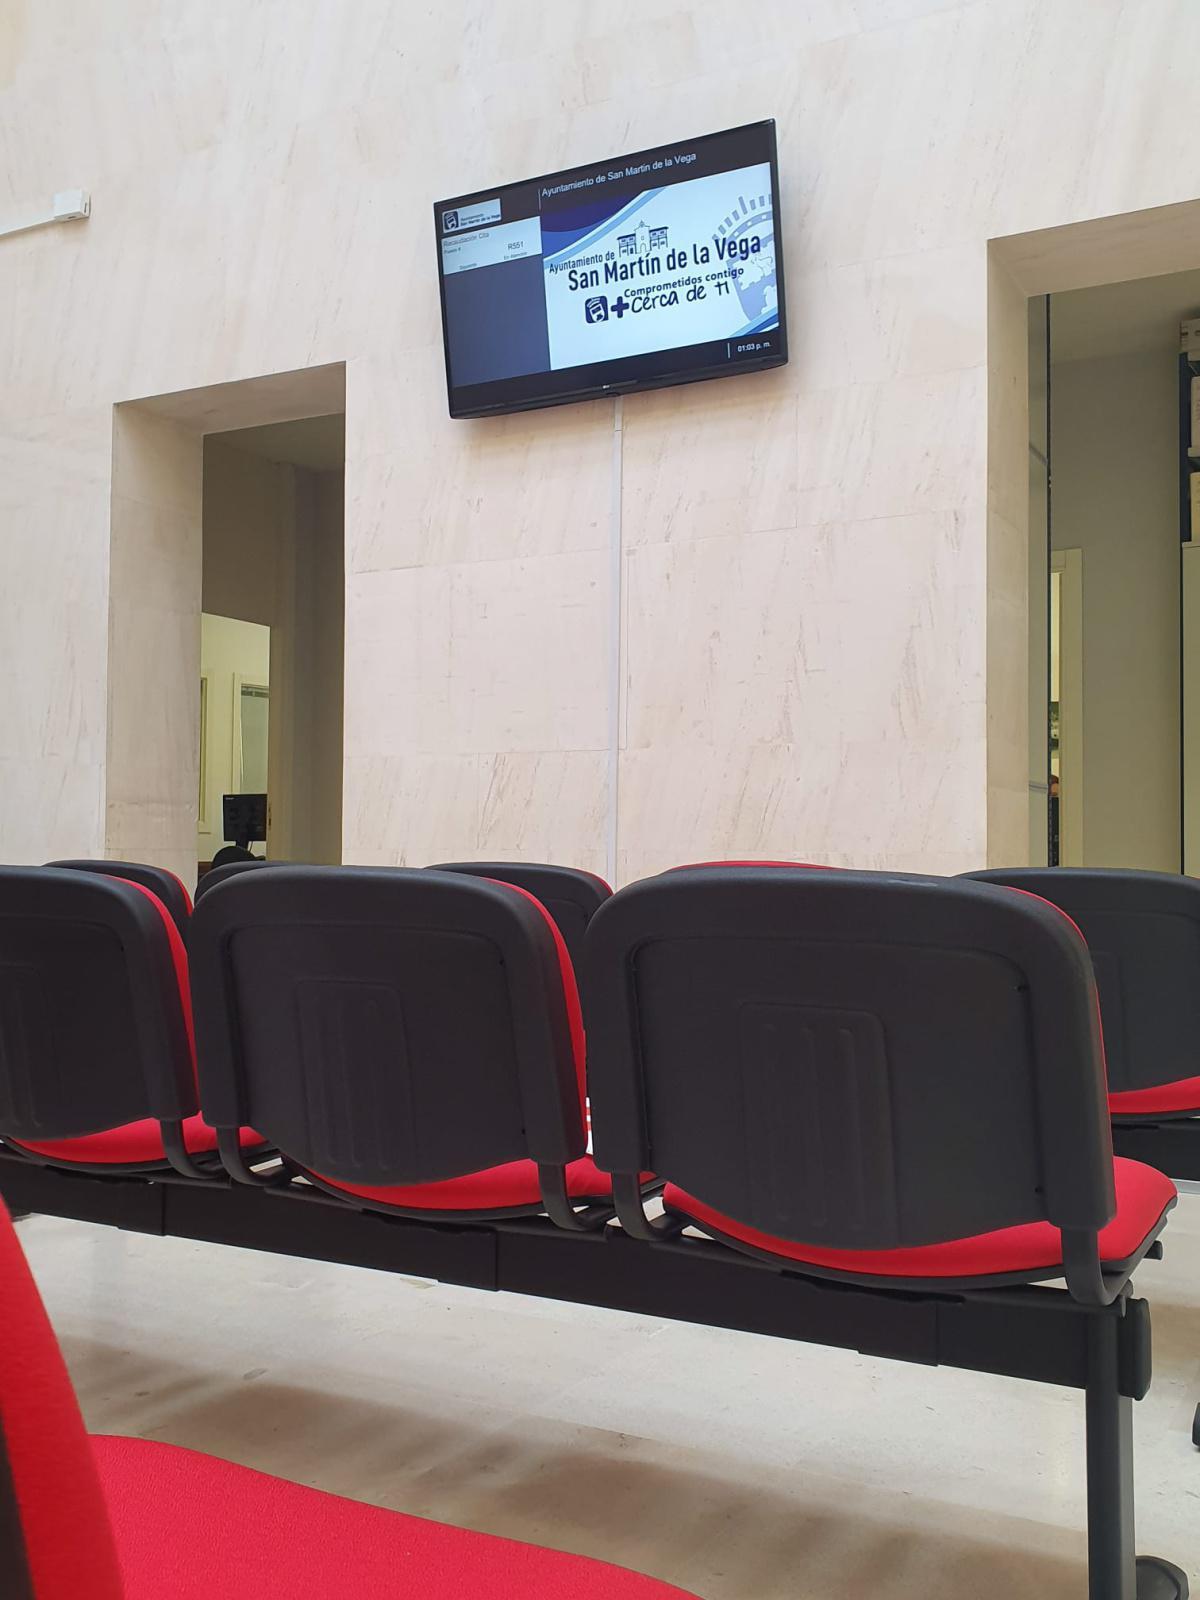 El Ayuntamiento estrena nuevo sistema de turnos y zona de espera para trámites